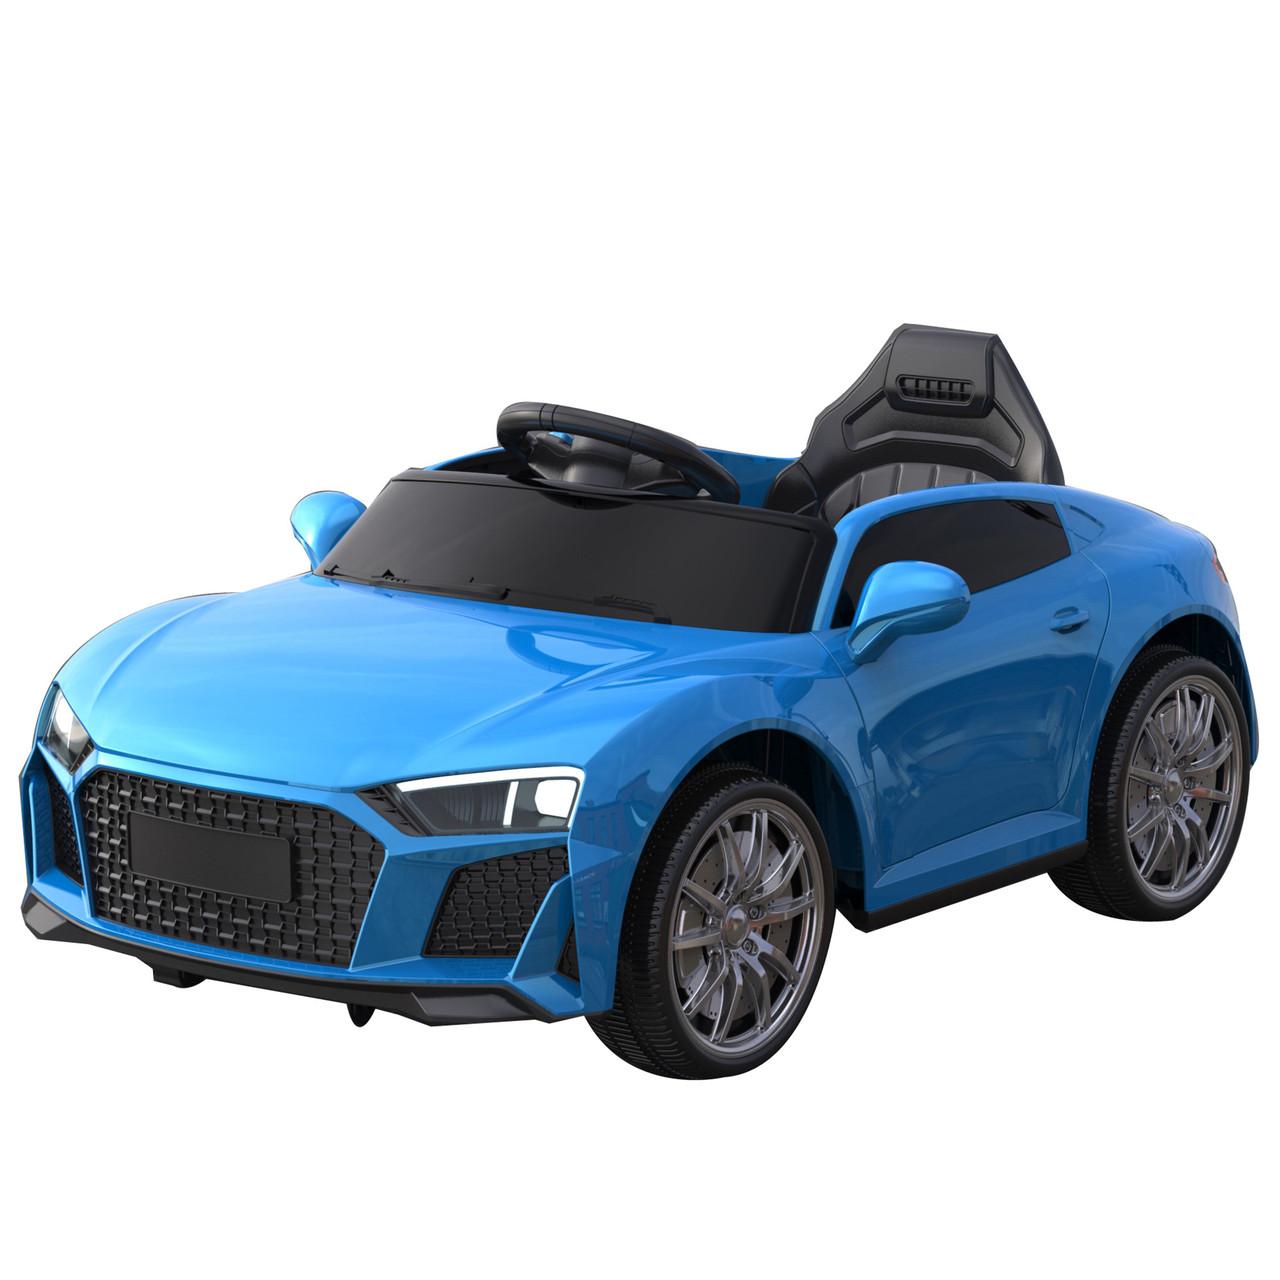 Їв-мобіль T-7662 EVA BLUE легковий на Bluetooth 2.4 G Р/У 6V7AH мотор 2*18W з MP3 102*61*55 /1/